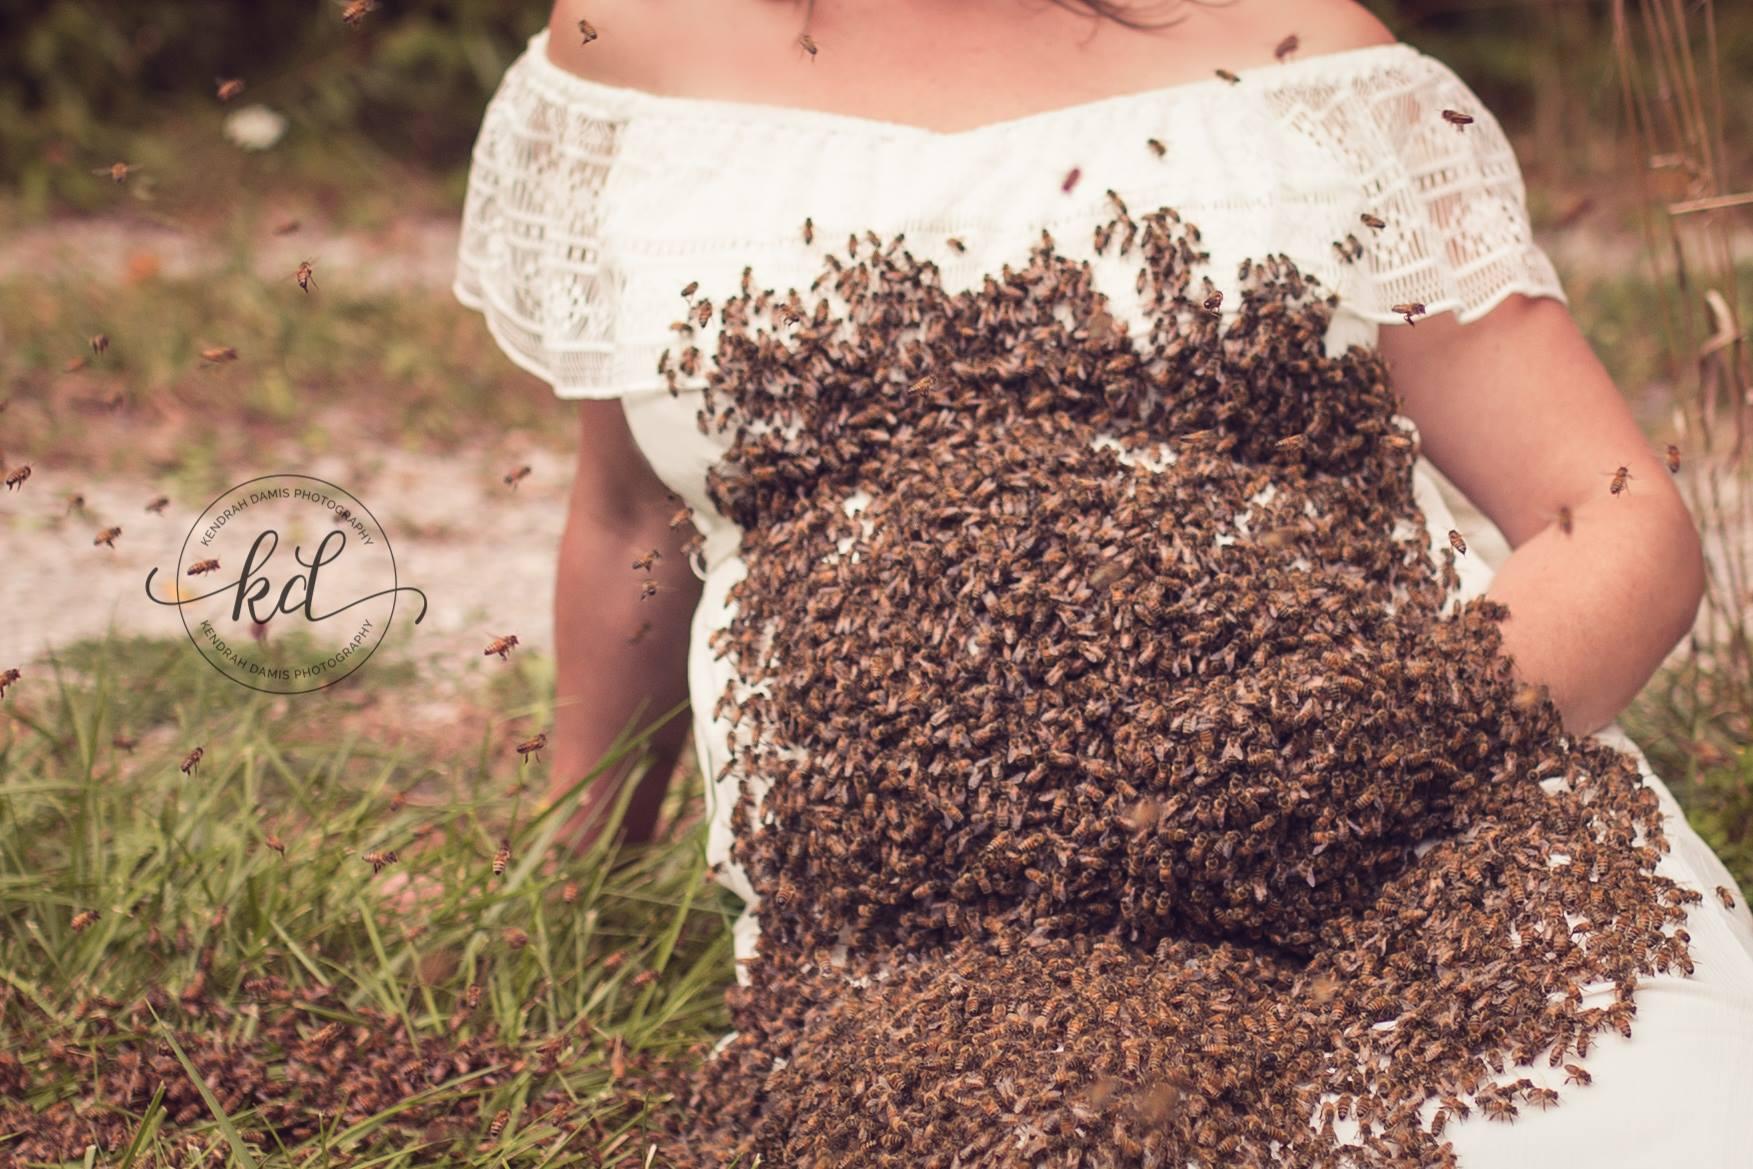 Налетай! Беременная женщина снялась в фотосессии с 20 000 живых пчел на животе.Вокруг Света. Украина